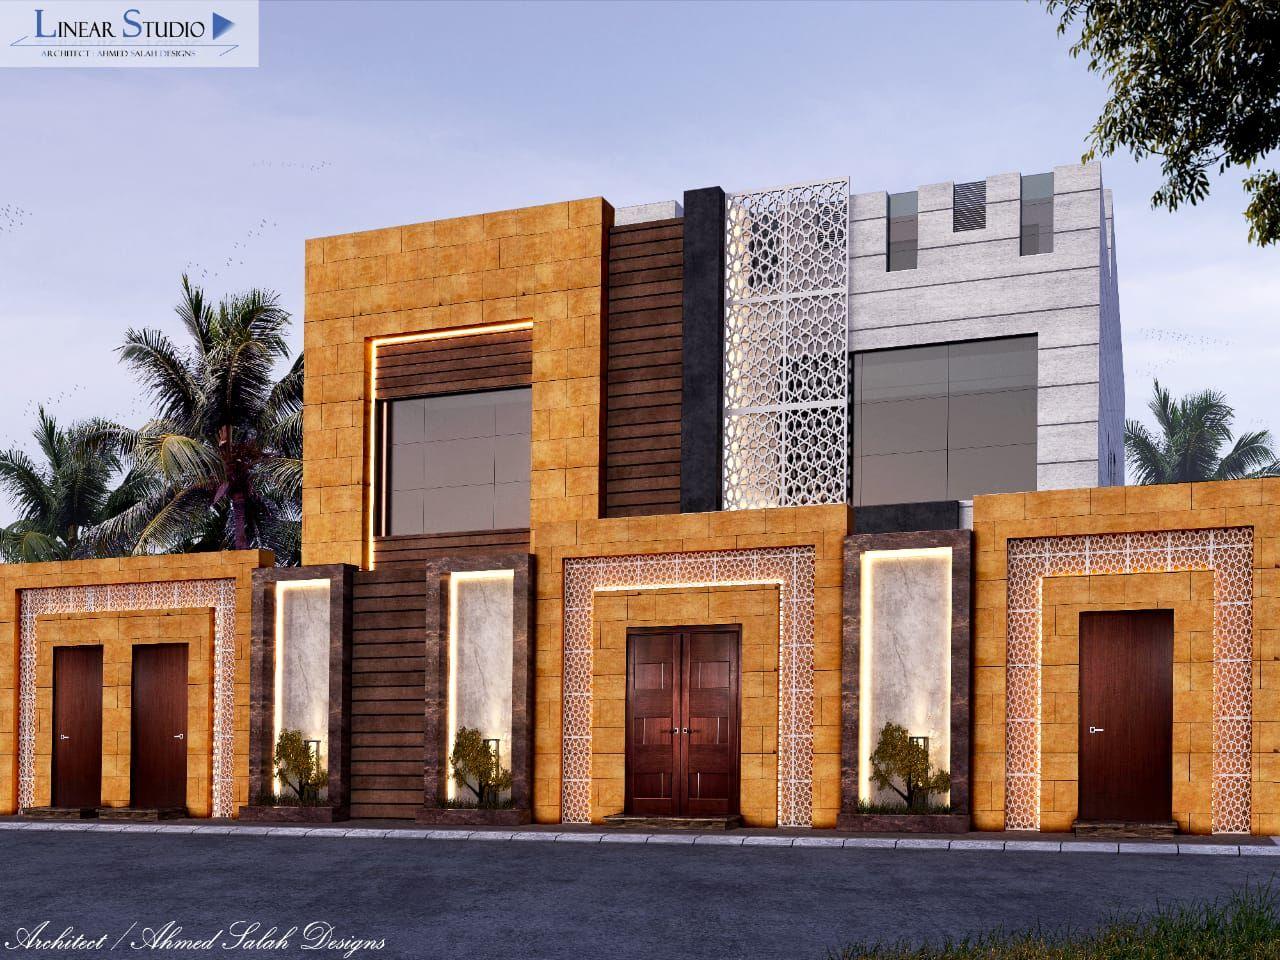 New Classic Villa Facade Facade Design New Classical Architecture Facade Architecture